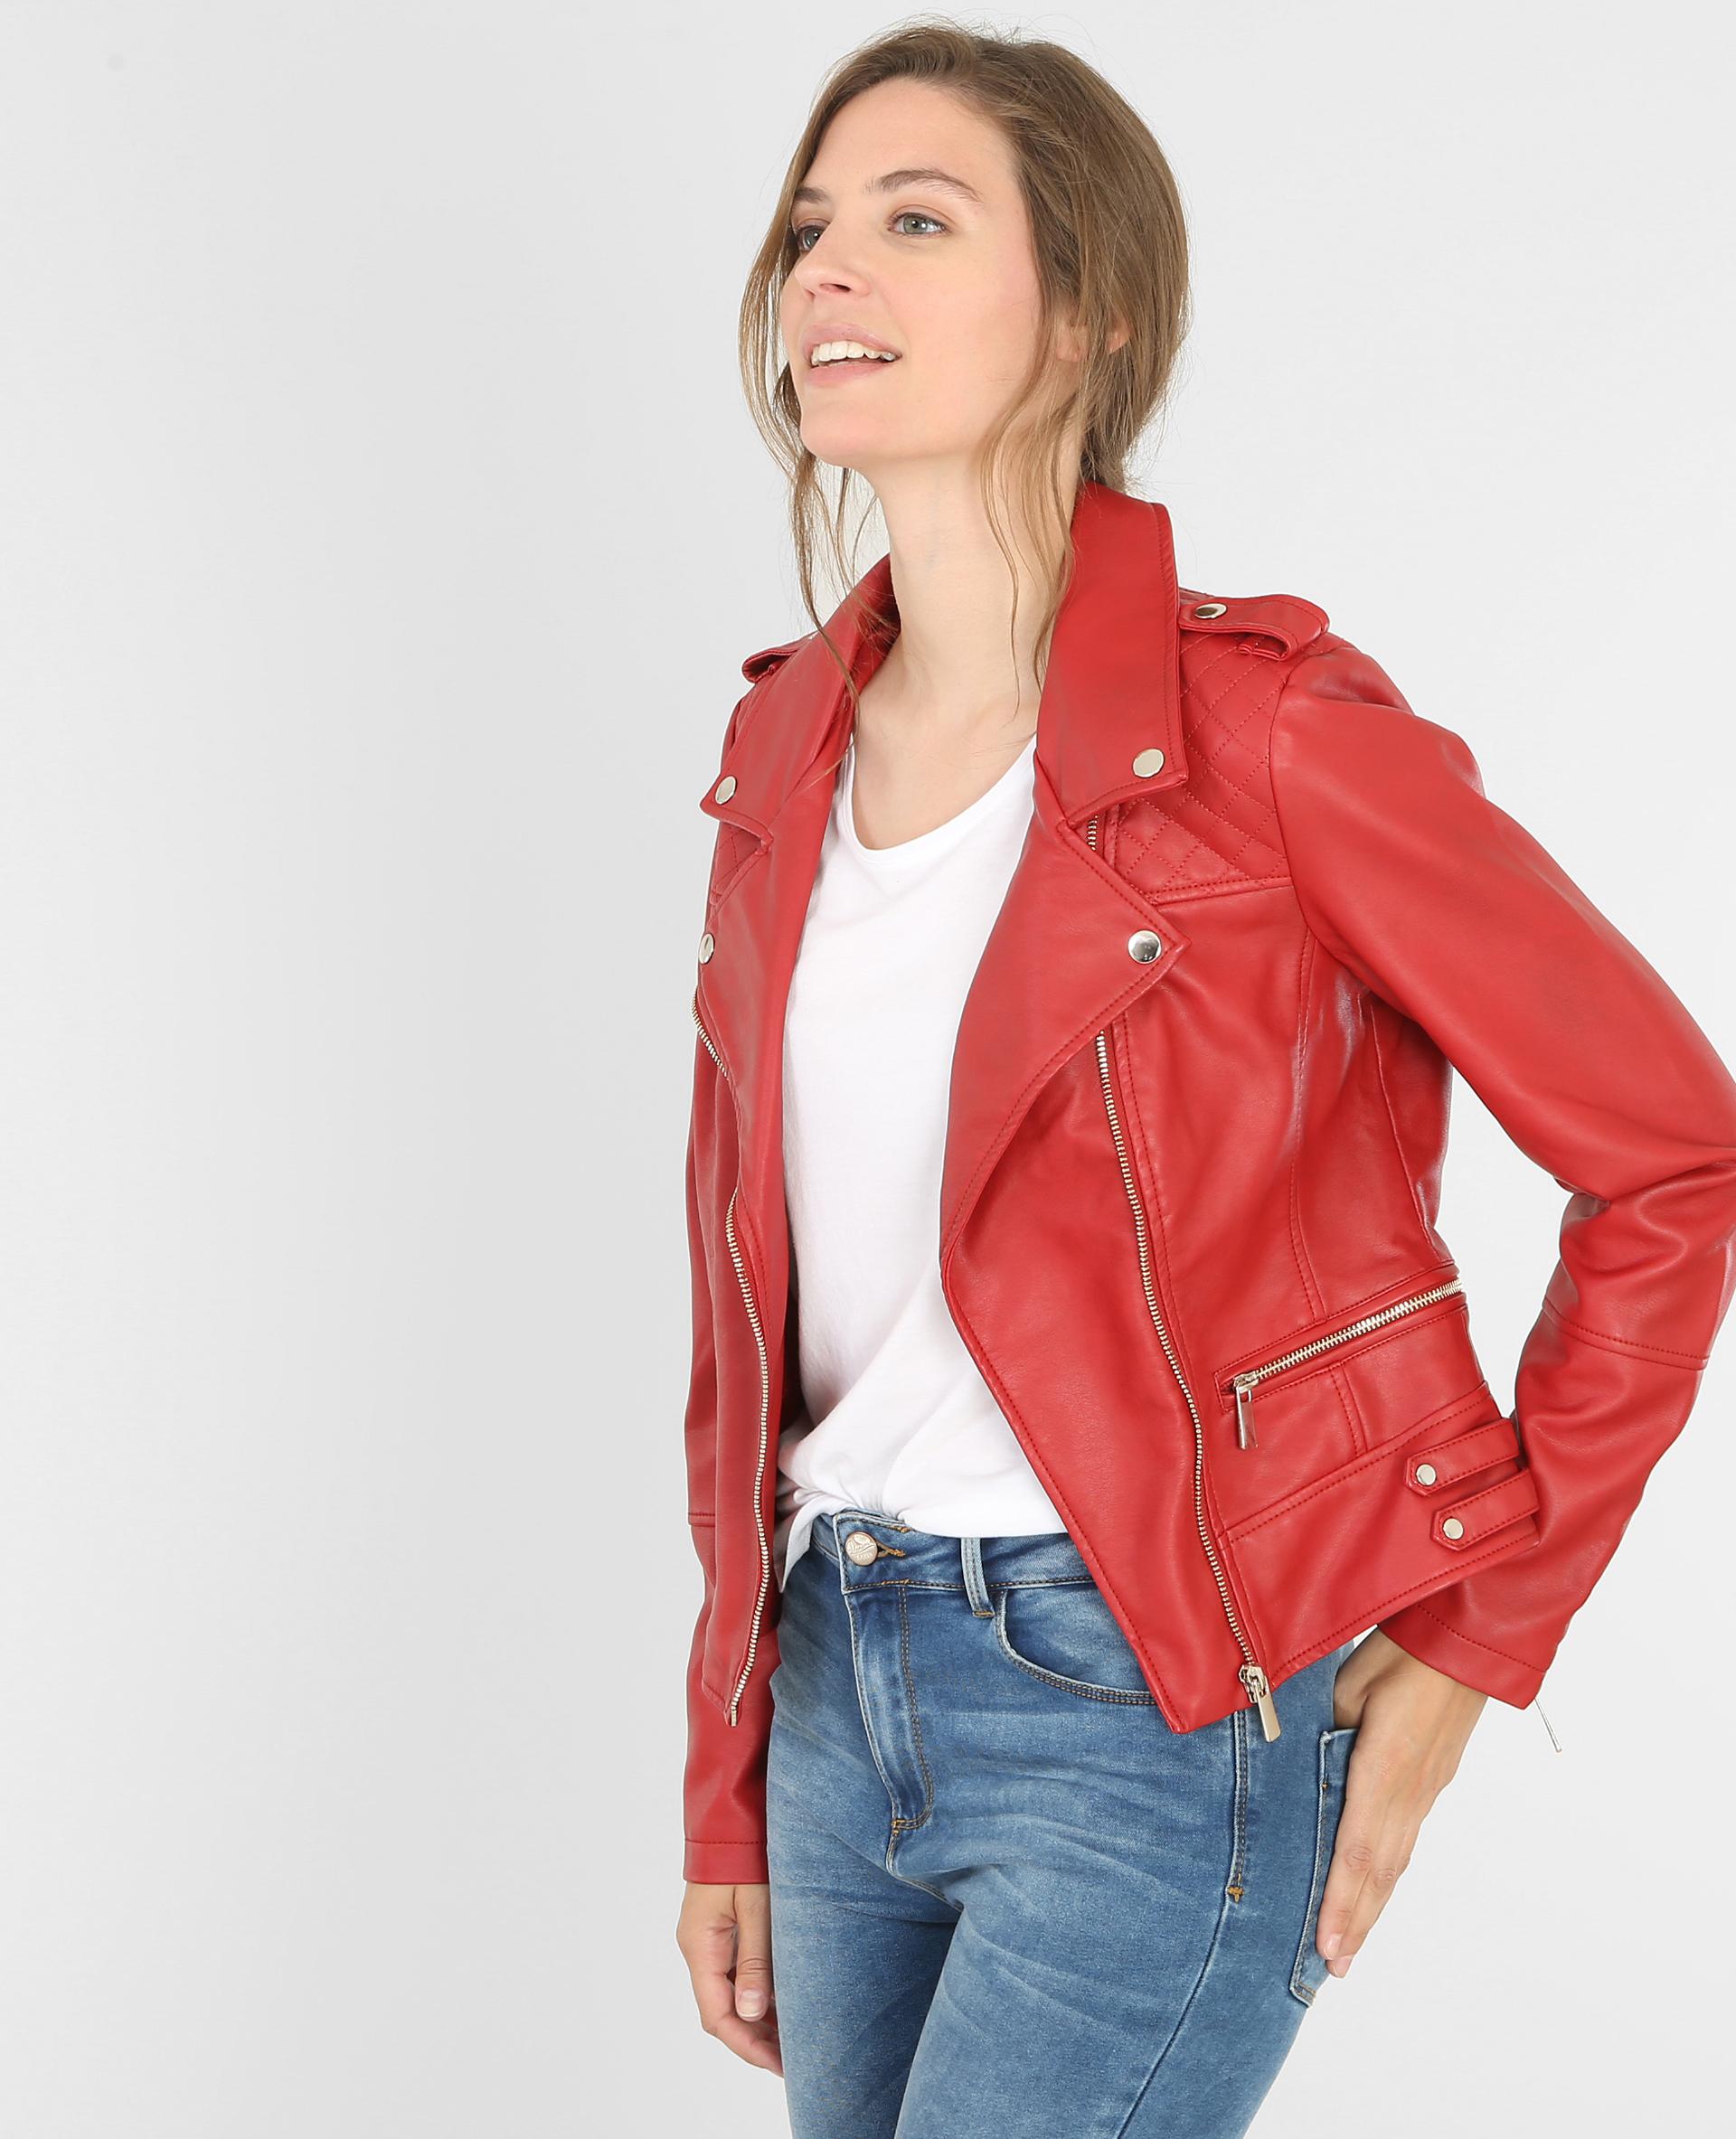 424c19ee7919 Veste style motard rouge - 326085322A03